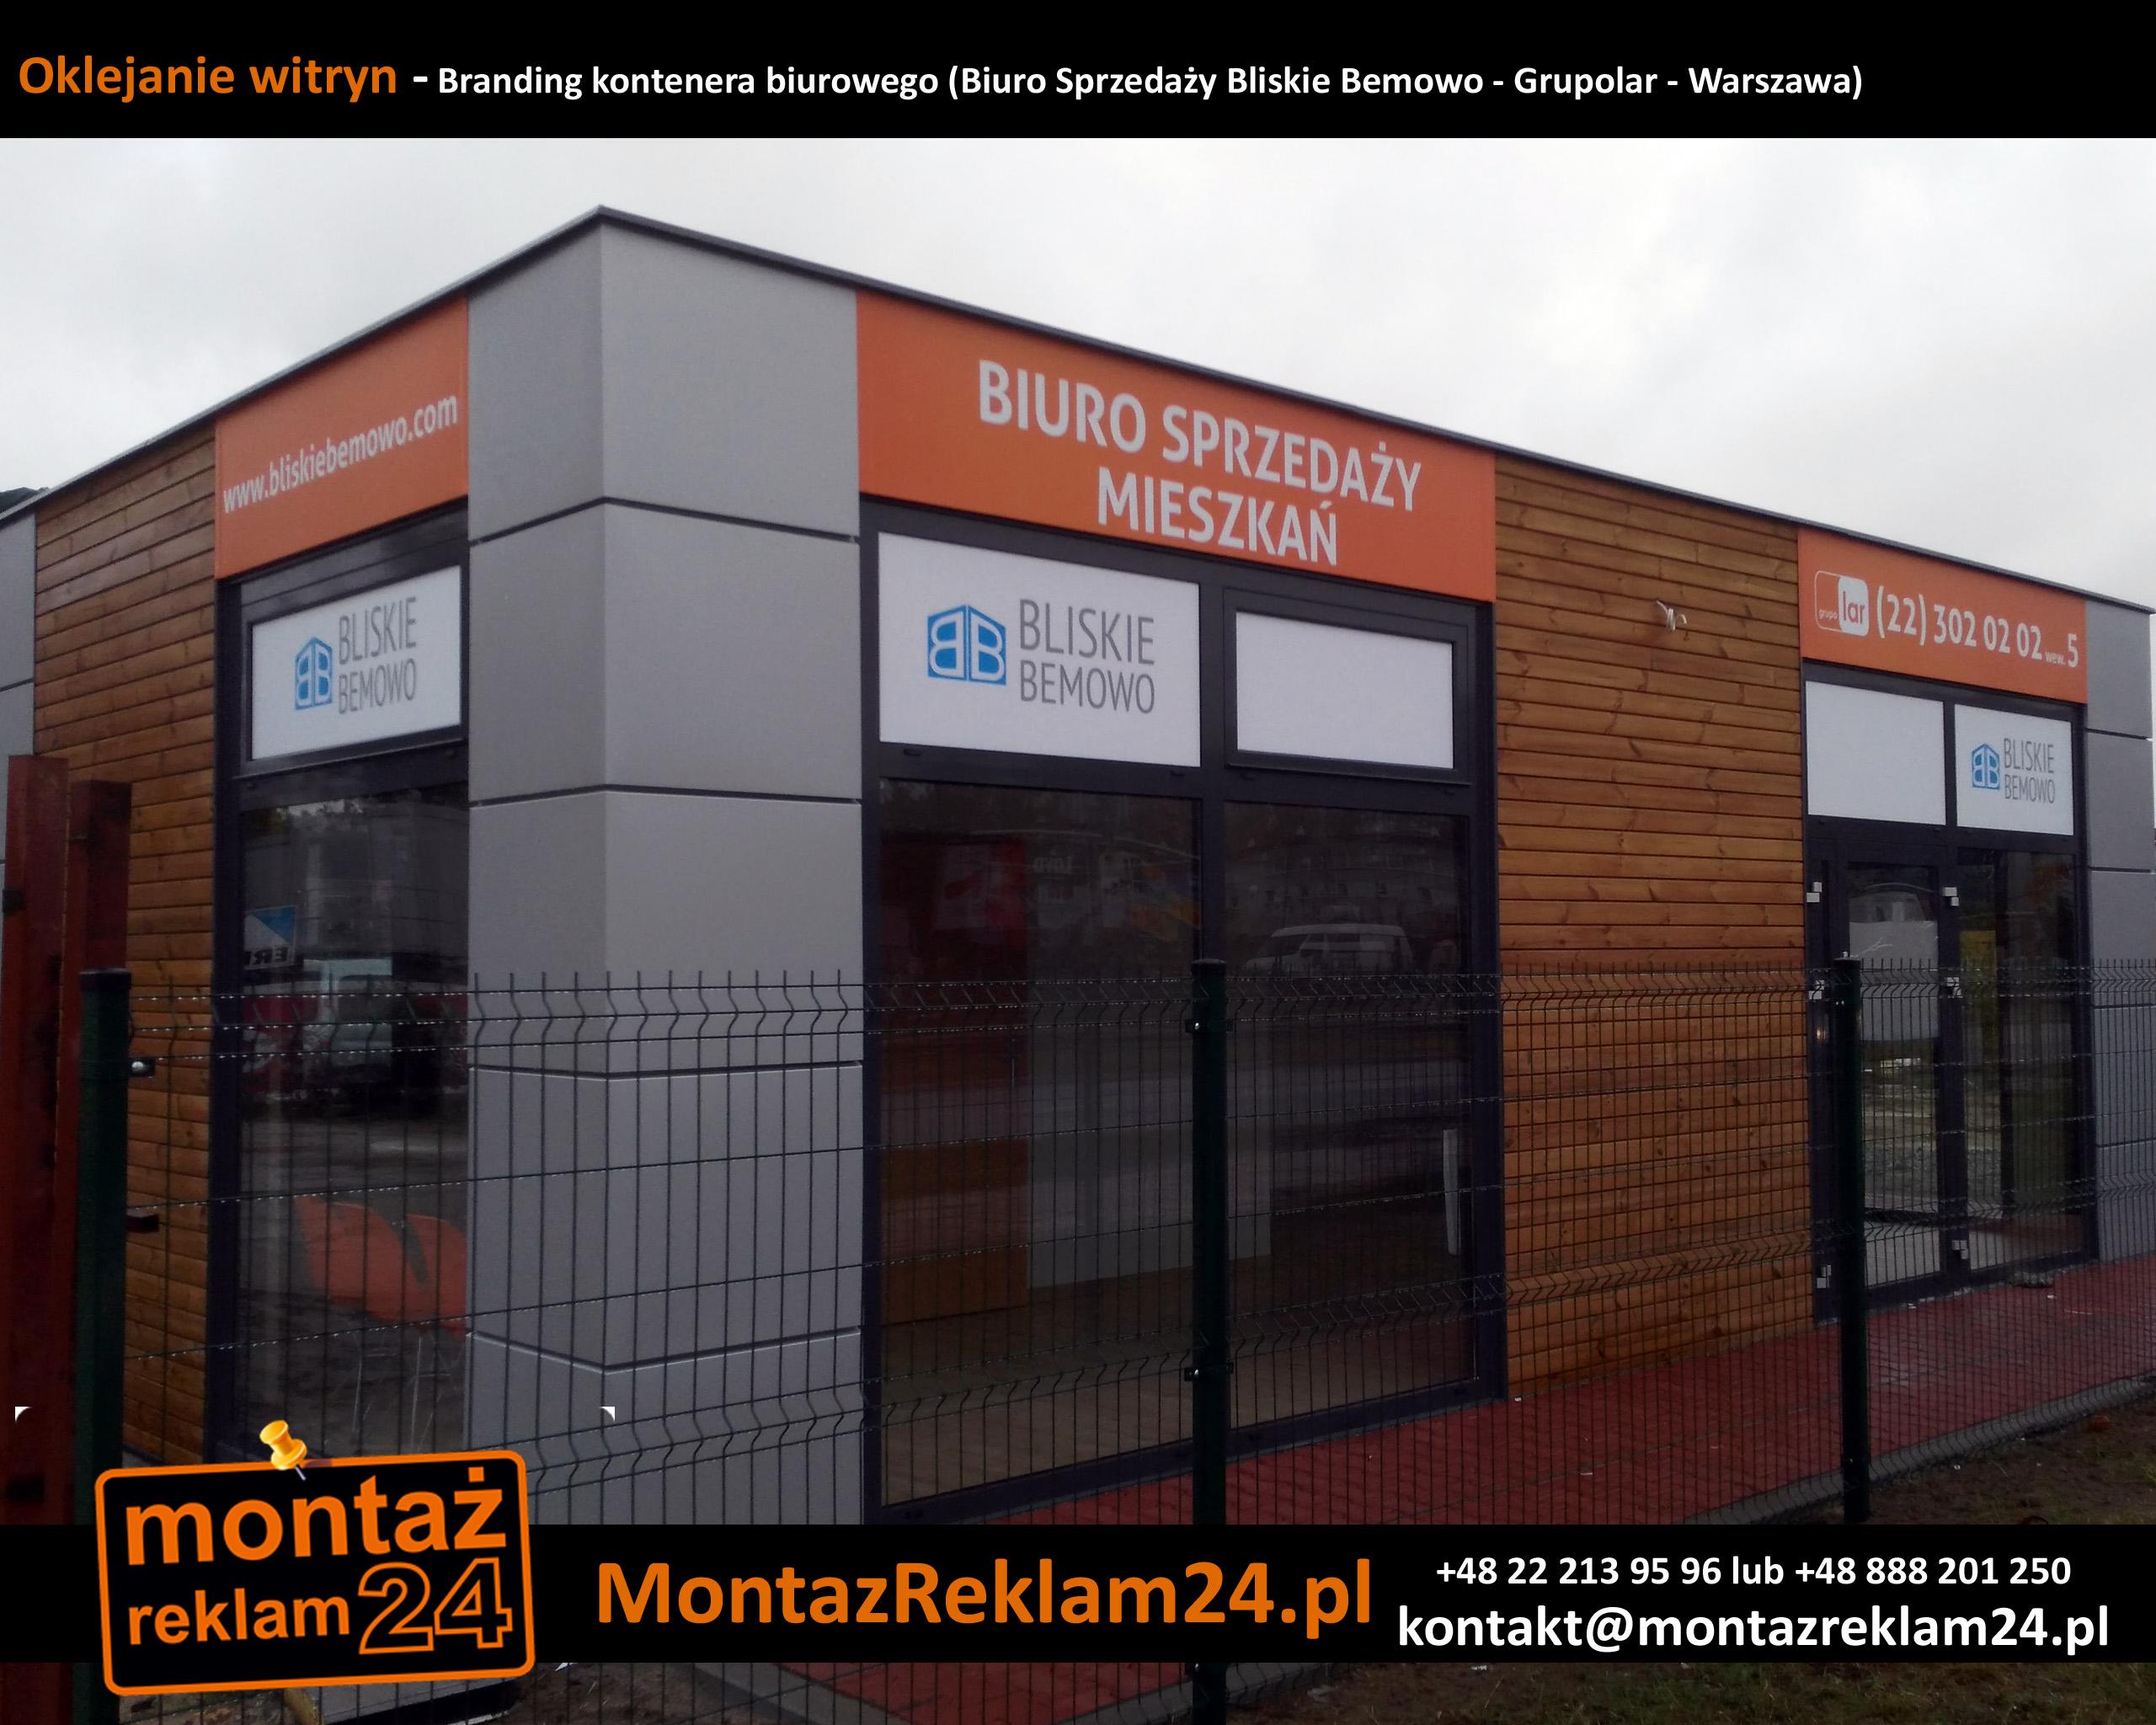 Oklejanie witryn - Branding kontenera biurowego (Biuro Sprzedaży Bliskie Bemowo - Grupolar - Warszawa).jpg